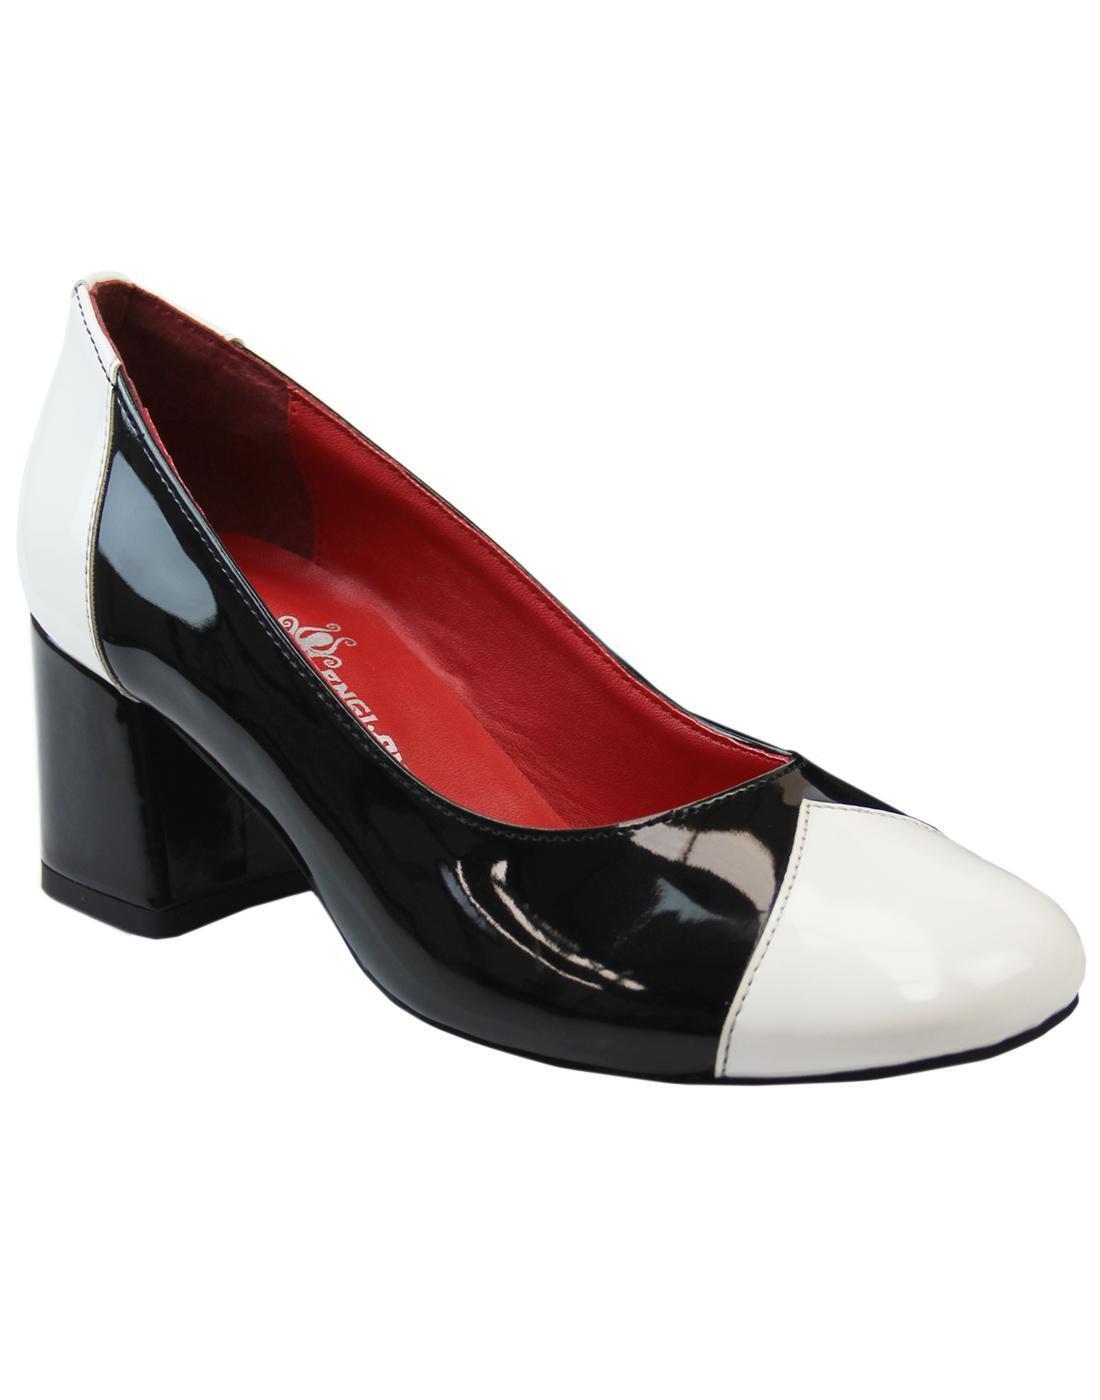 NOUVEAU  Chaussures Femme Rétro 60 S Vintage Chaussures Talons mod Madcap England Sylvie Noir Blanc